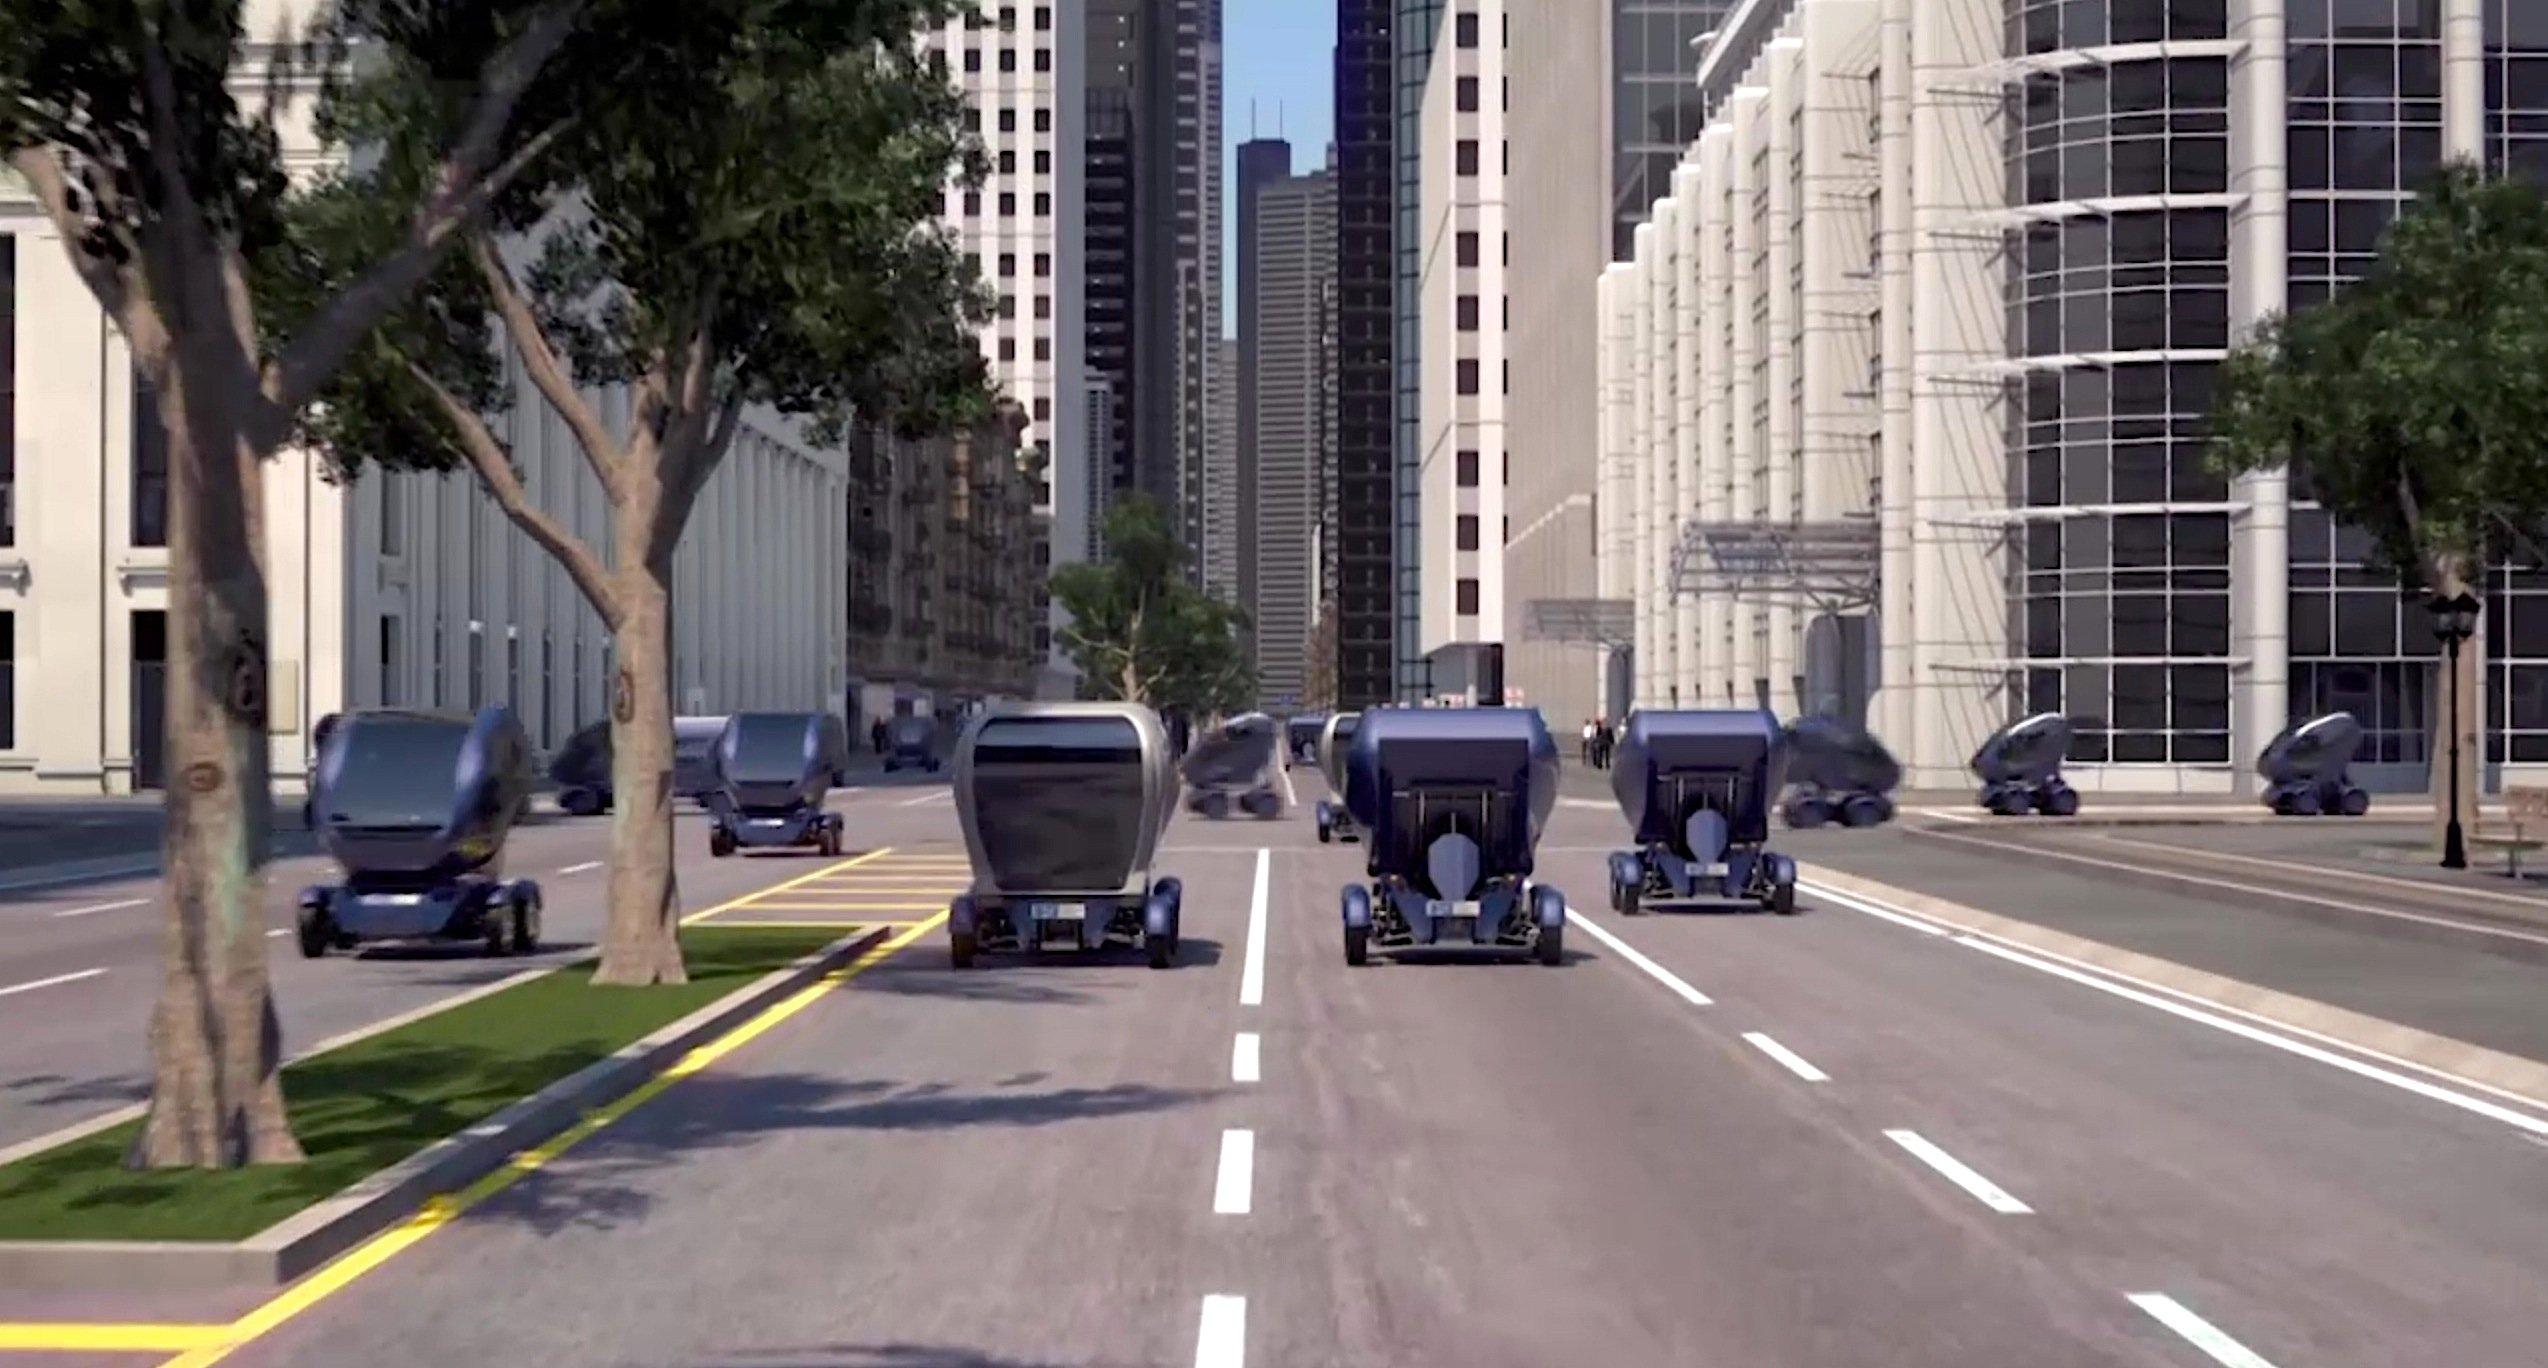 Auch im Stadtverkehr soll das Bremer Elektroauto autonom fahren können.